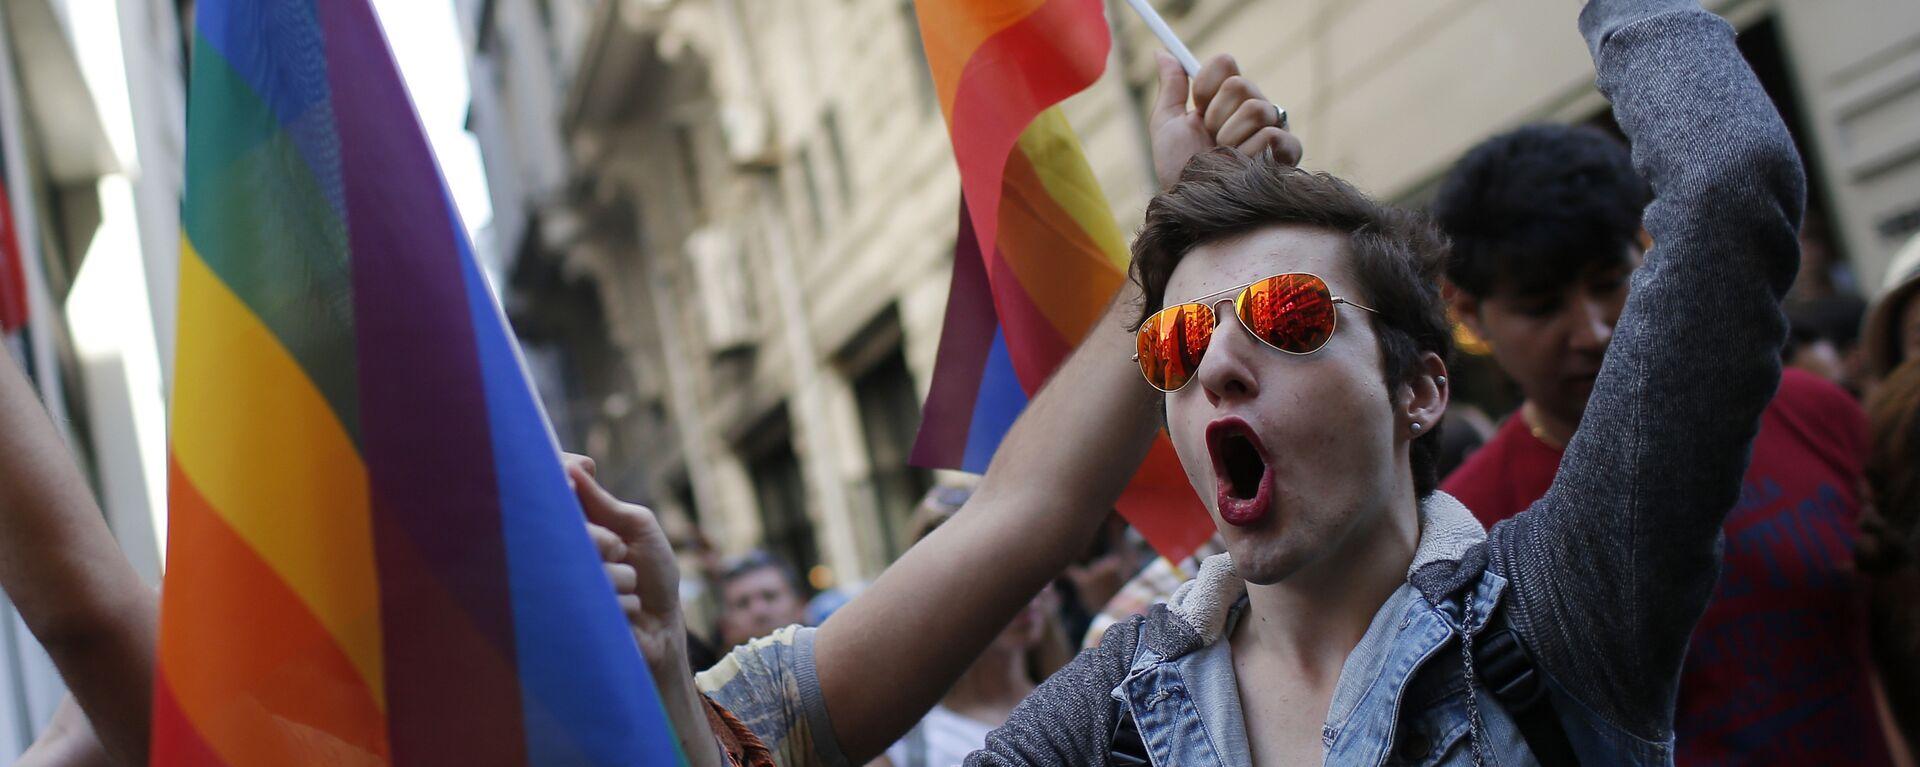 Pride week. Ilustrační foto - Sputnik Česká republika, 1920, 24.01.2021